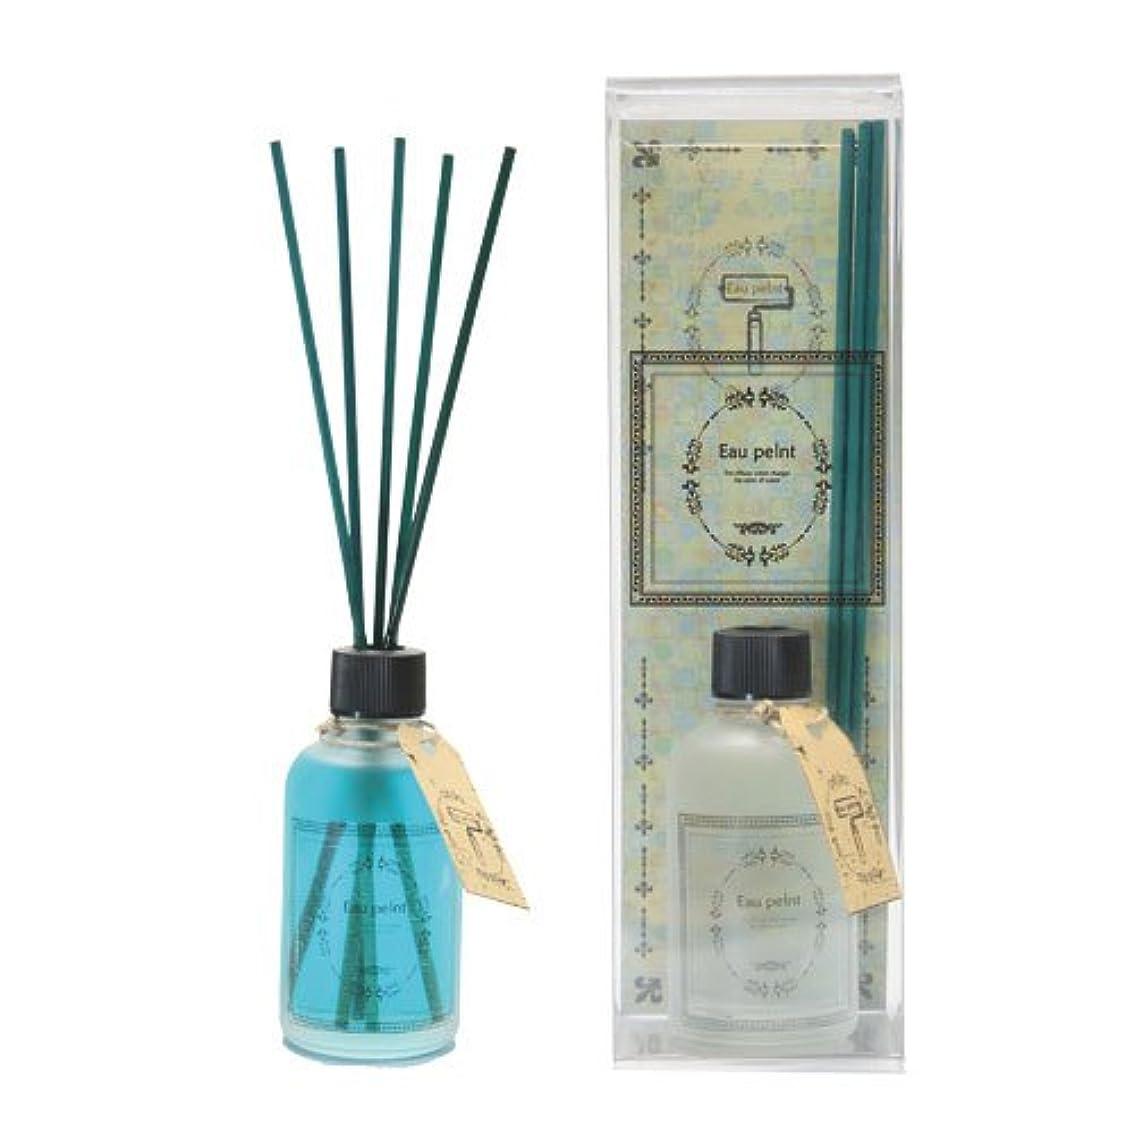 受け入れる粘性の暴動Eau peint オーペイント リードディフューザー 60ml ターコイズグラス(Turquoise grass)